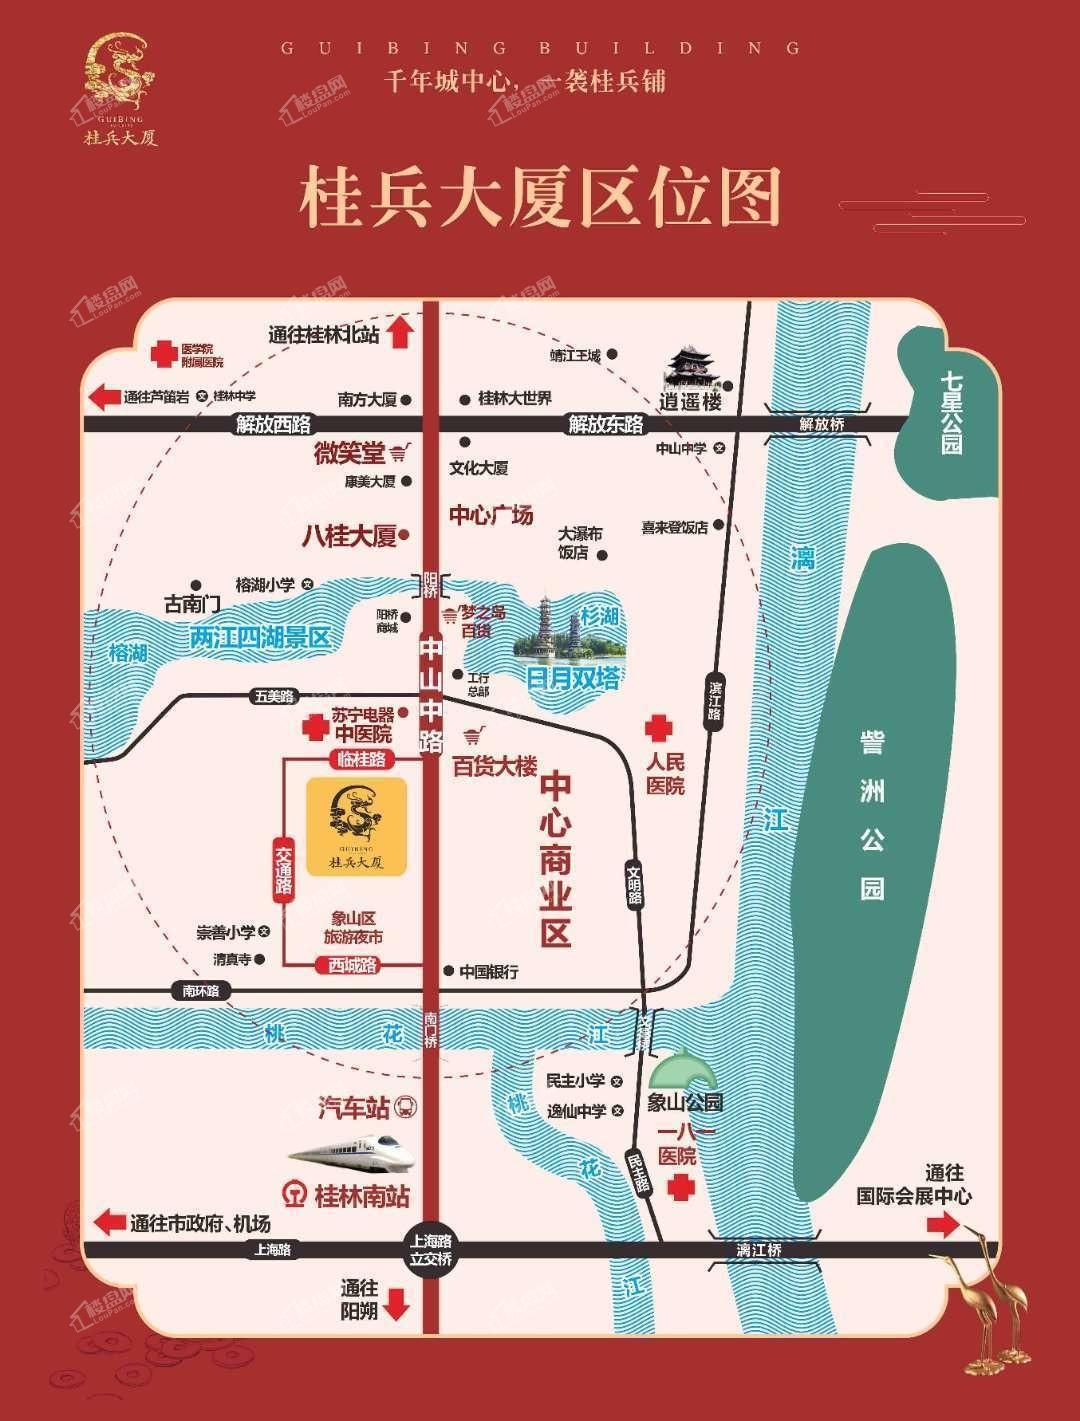 桂兵大厦位置图